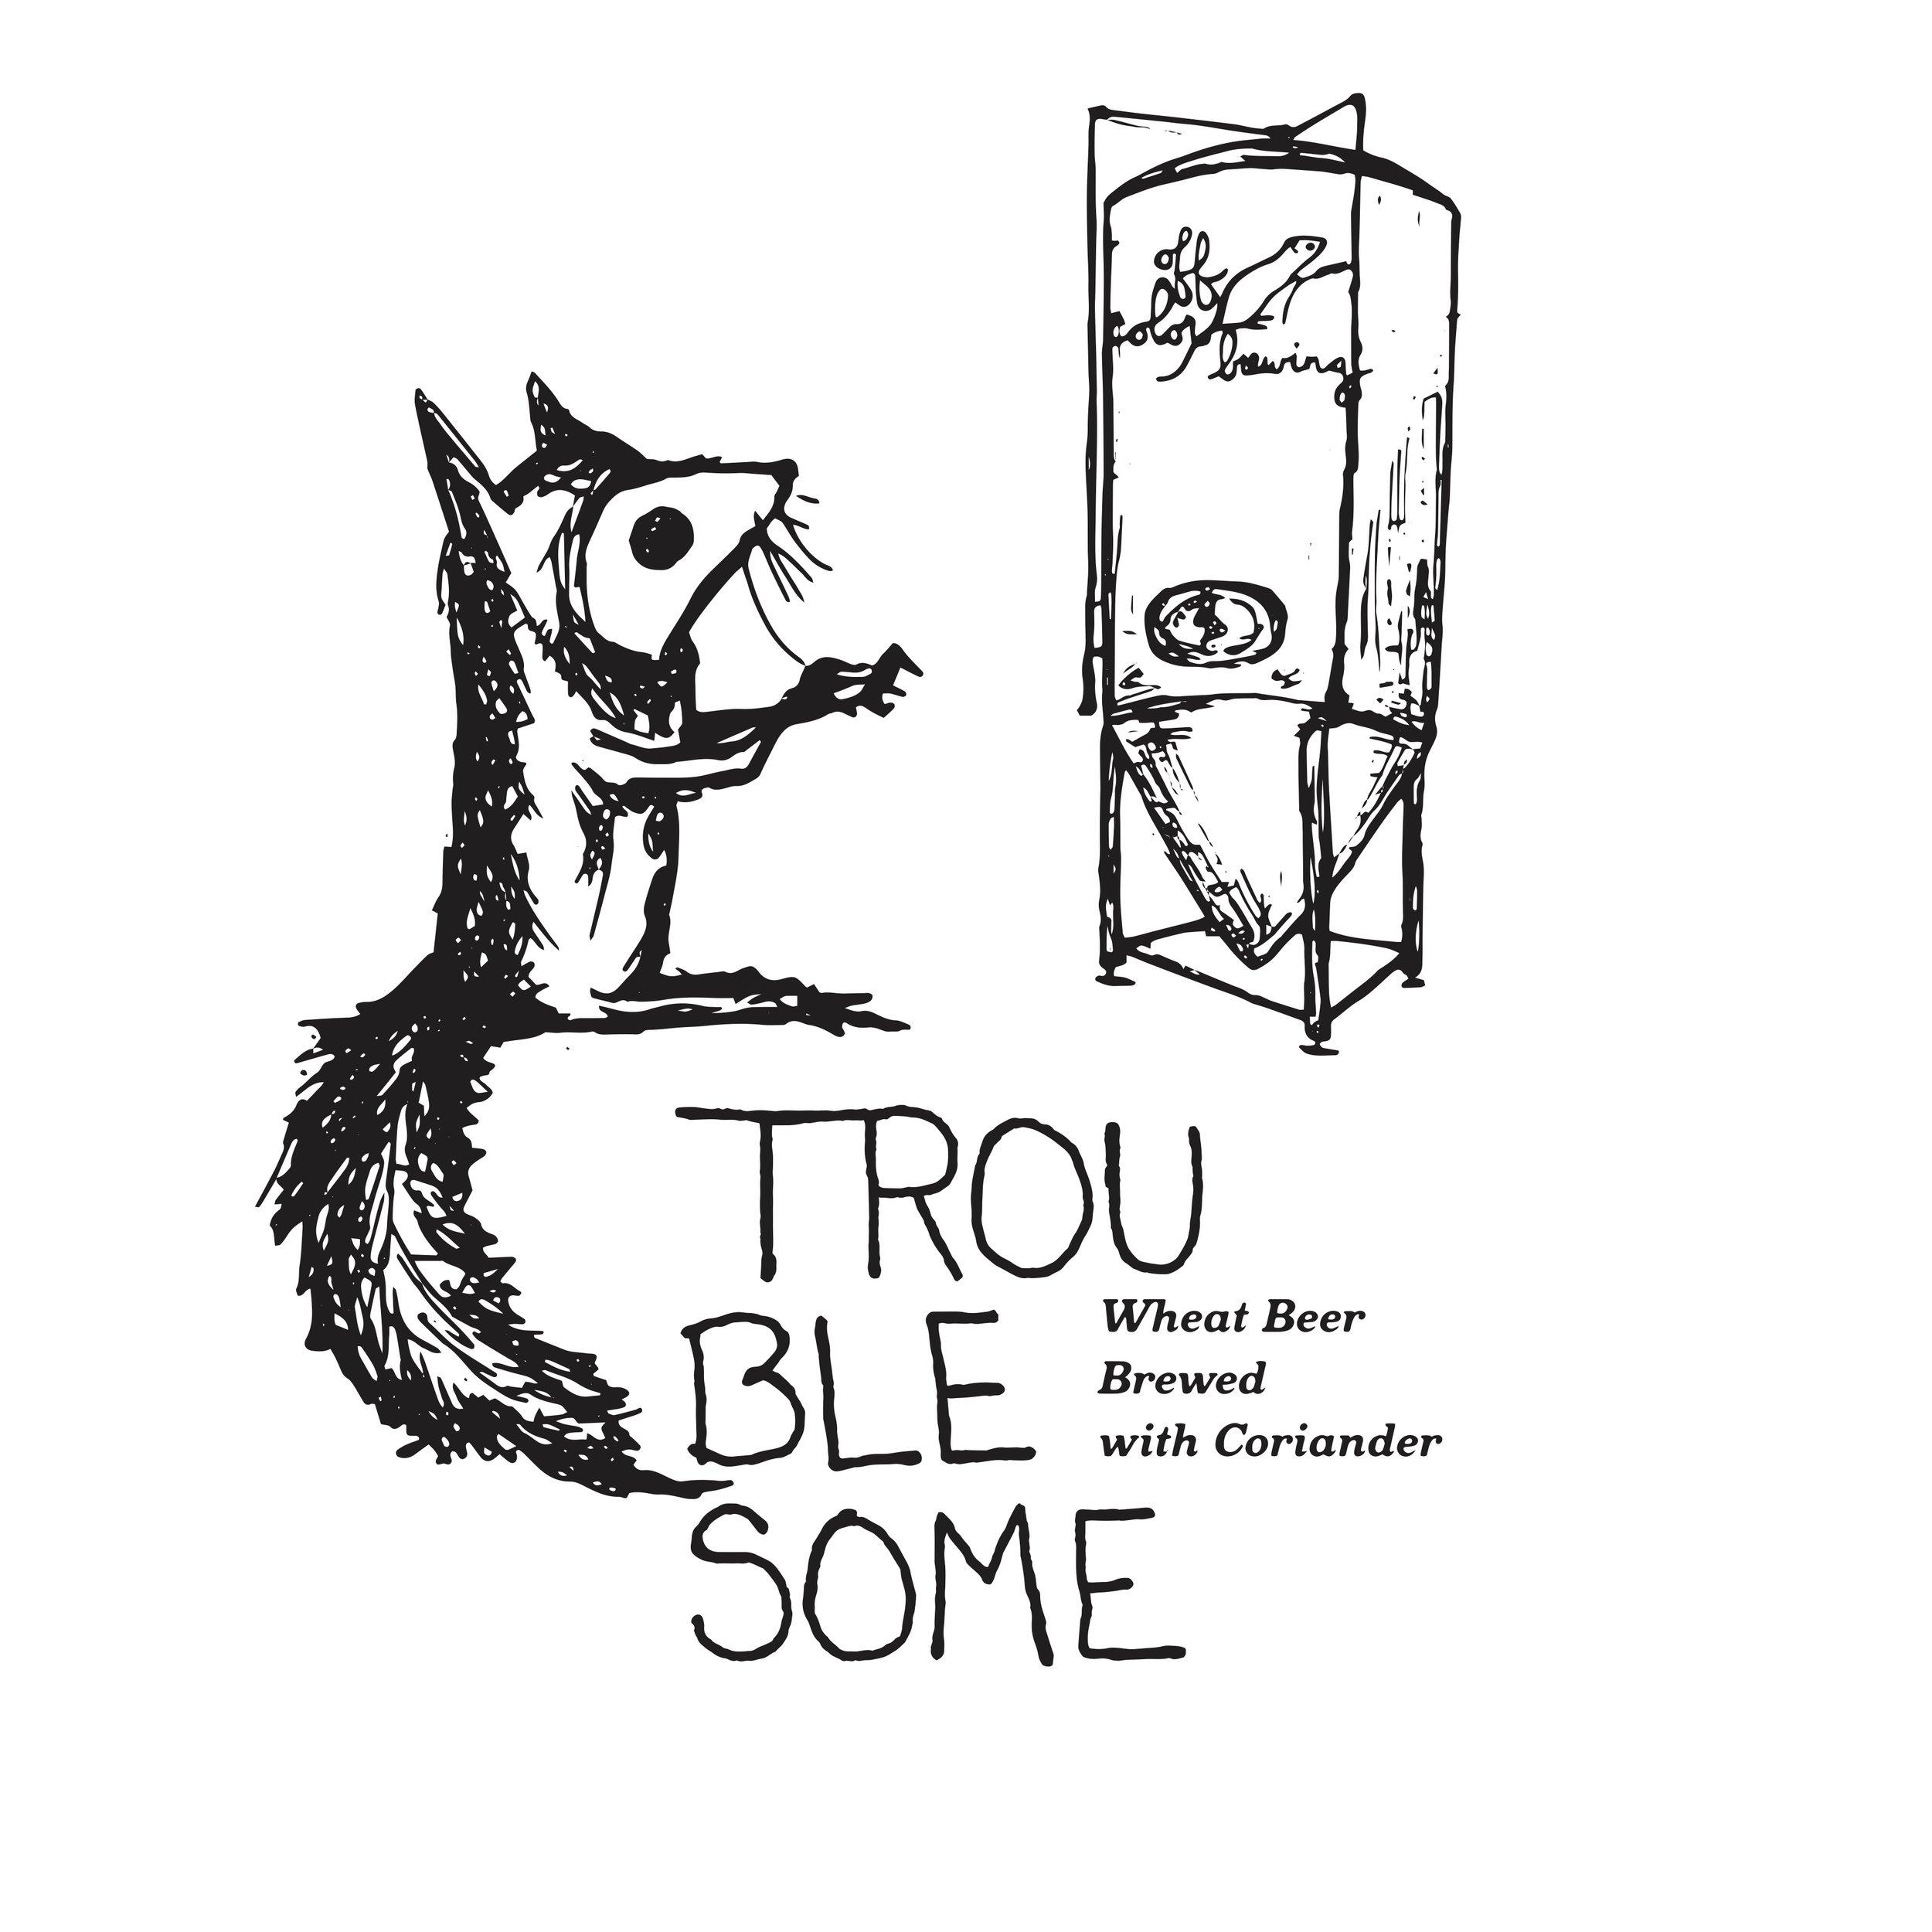 Troublesome_logo.jpg